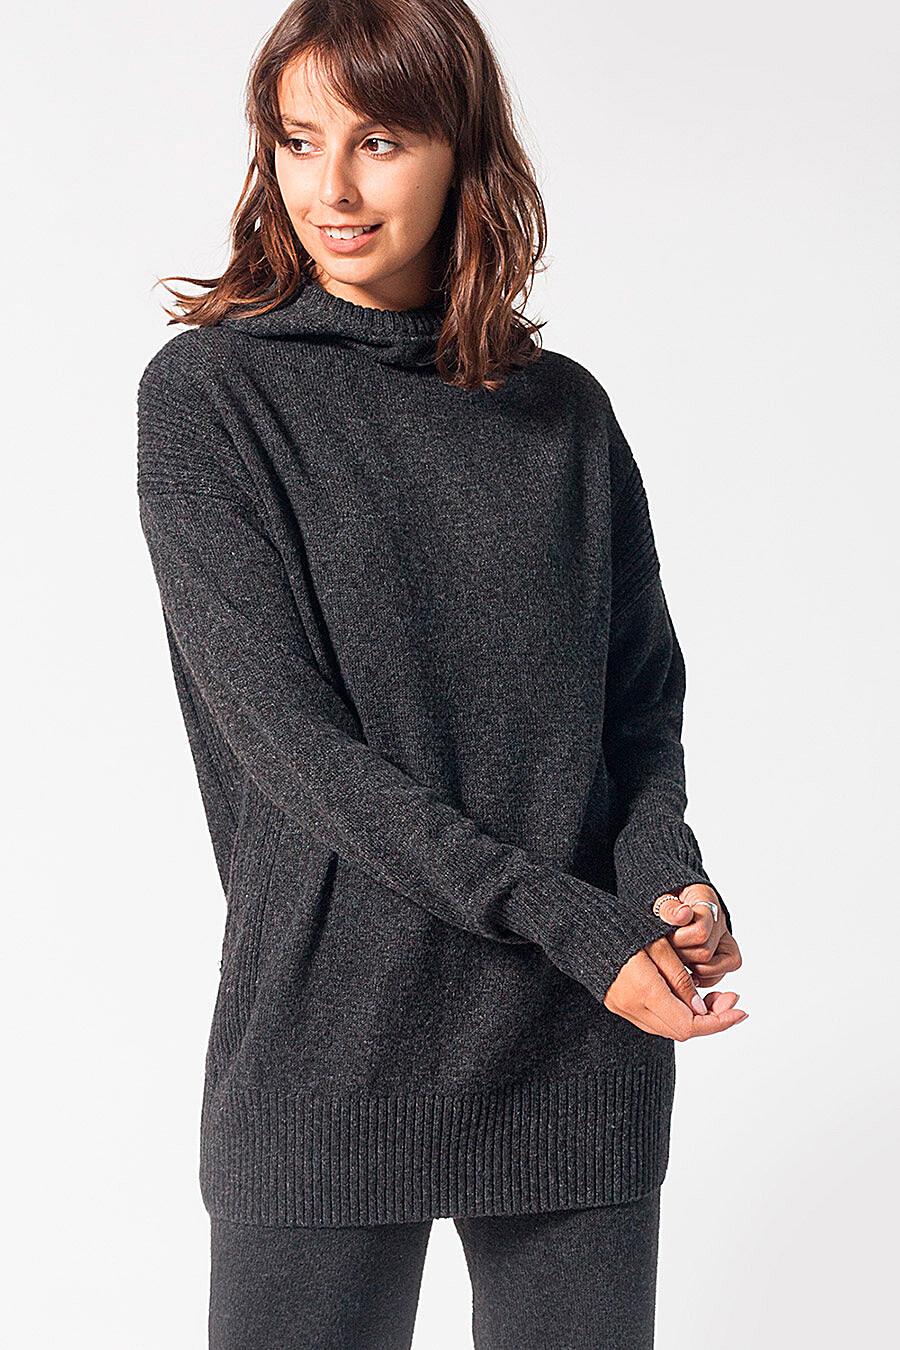 Худи для женщин VILATTE 700238 купить оптом от производителя. Совместная покупка женской одежды в OptMoyo